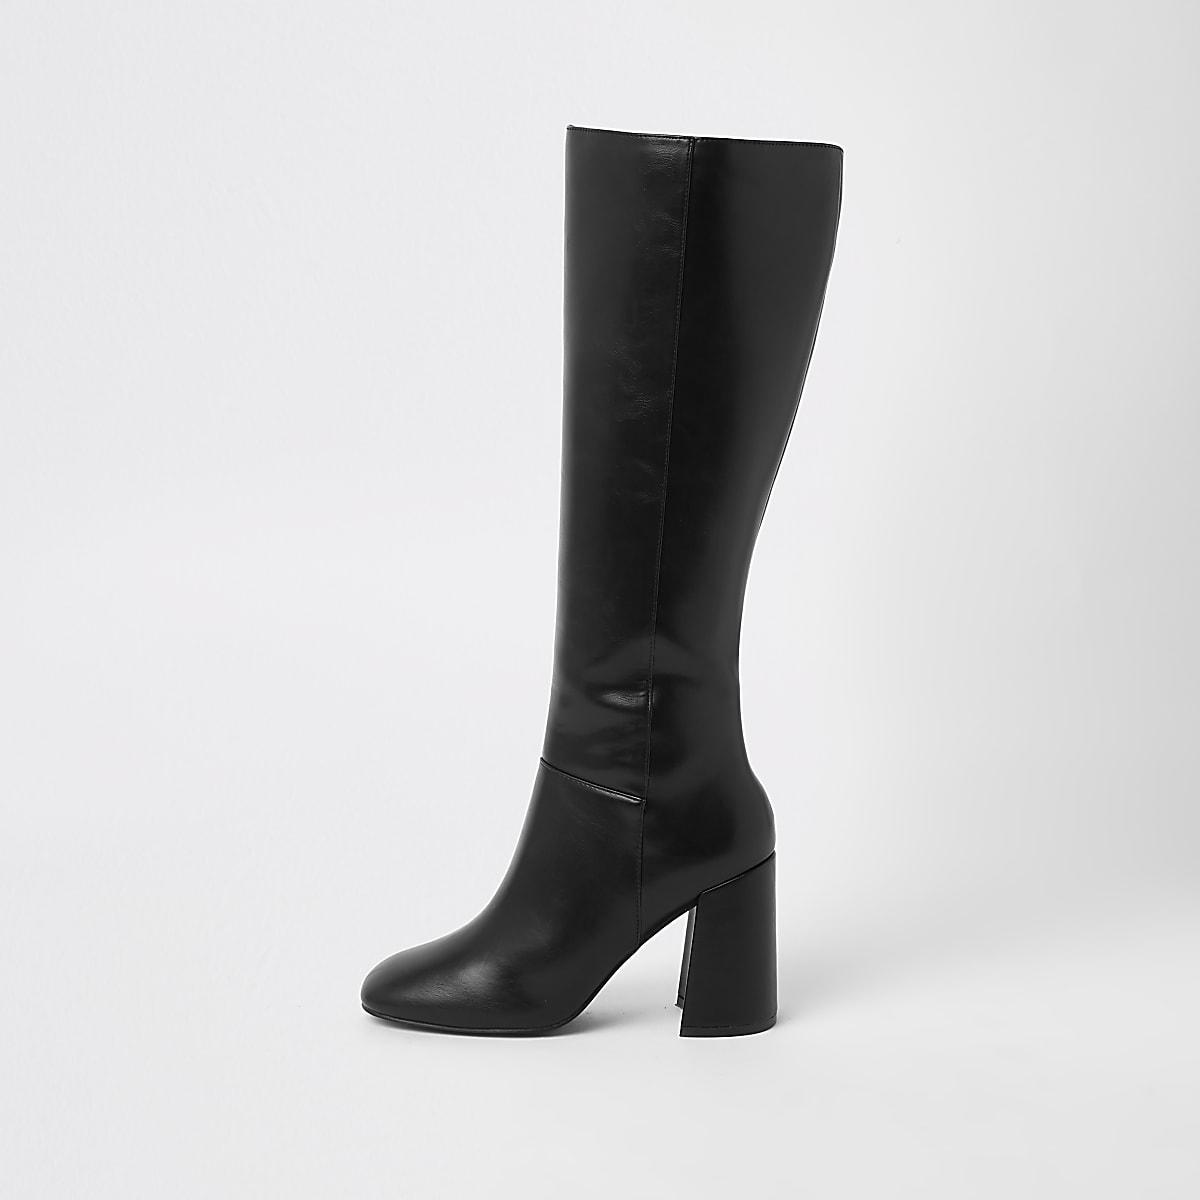 Black block heel knee high boots